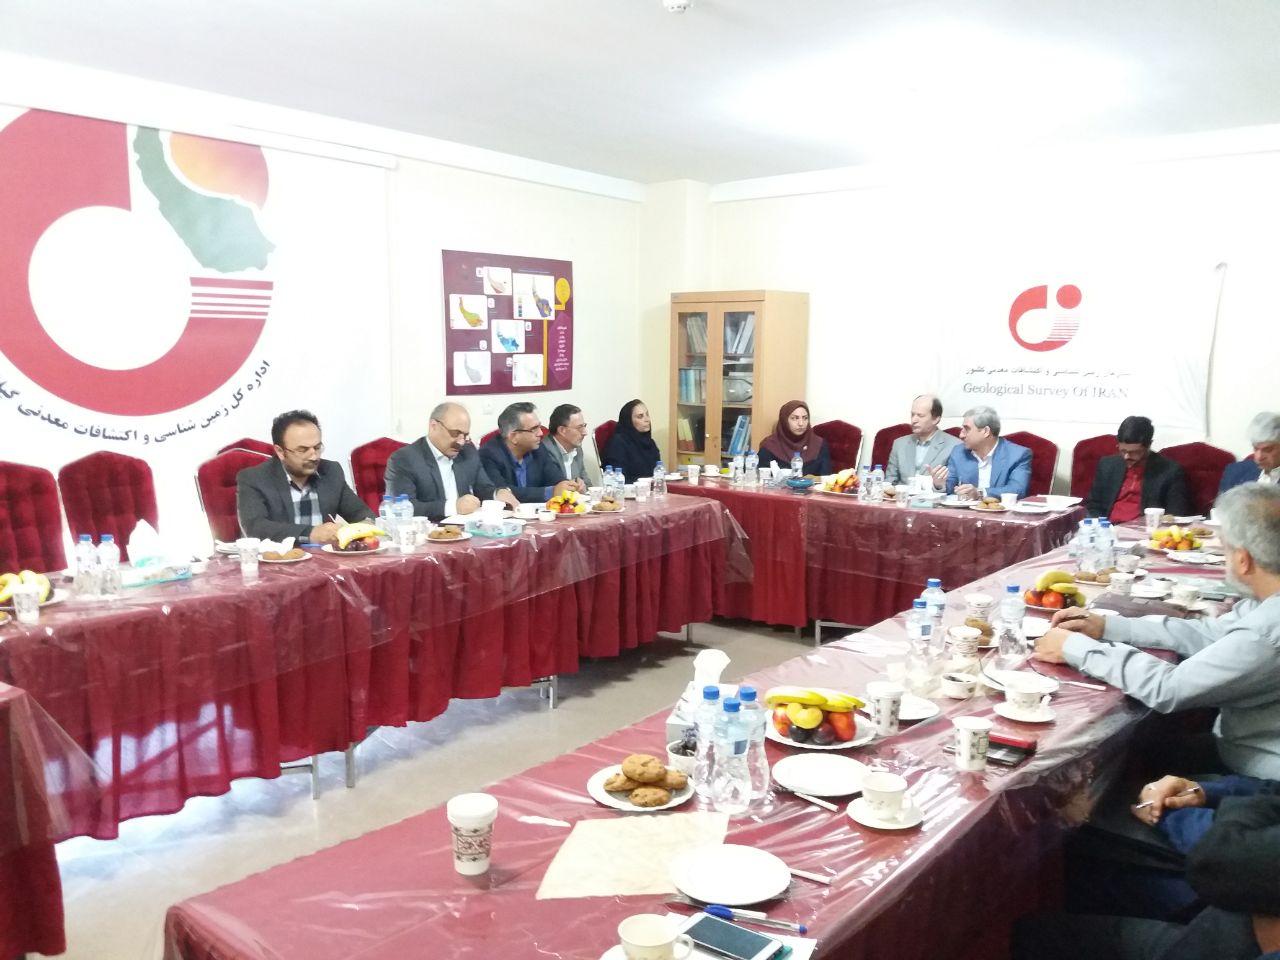 سازمان صنعت، معدن و تجارت استان گیلان